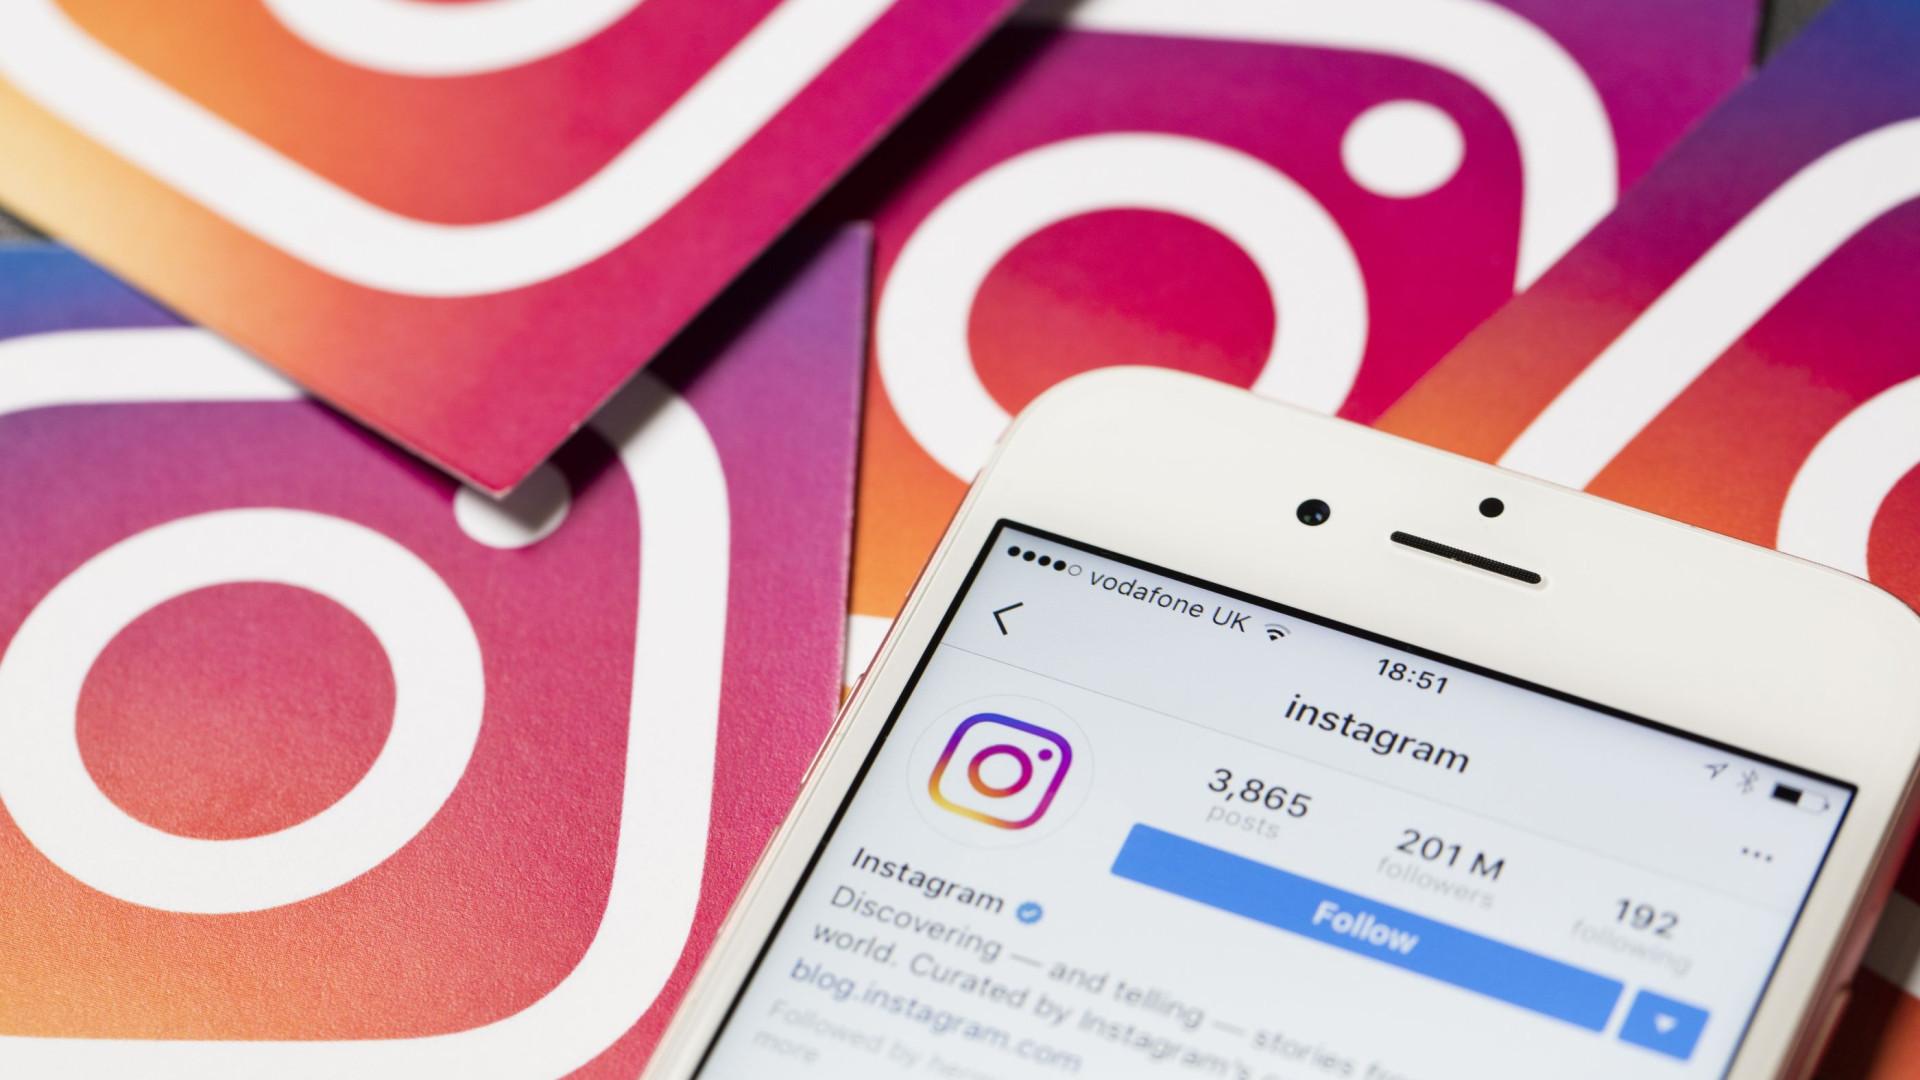 6 dicas de como se dar bem estudando via Instagram